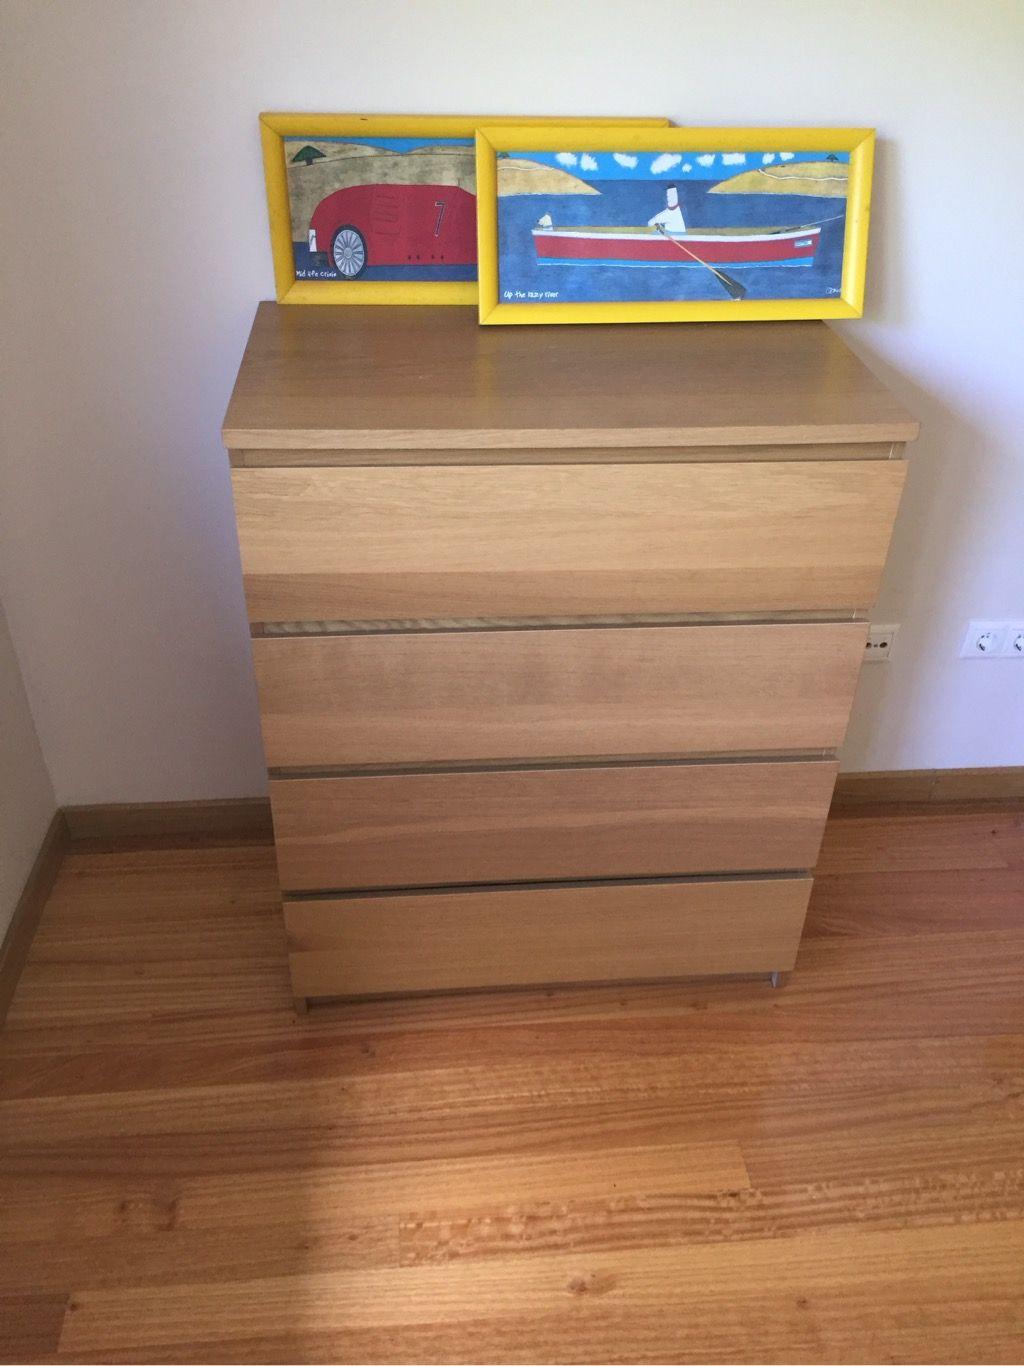 Cómoda Ikea | Comodas ikea, El dormitorio y Ikea